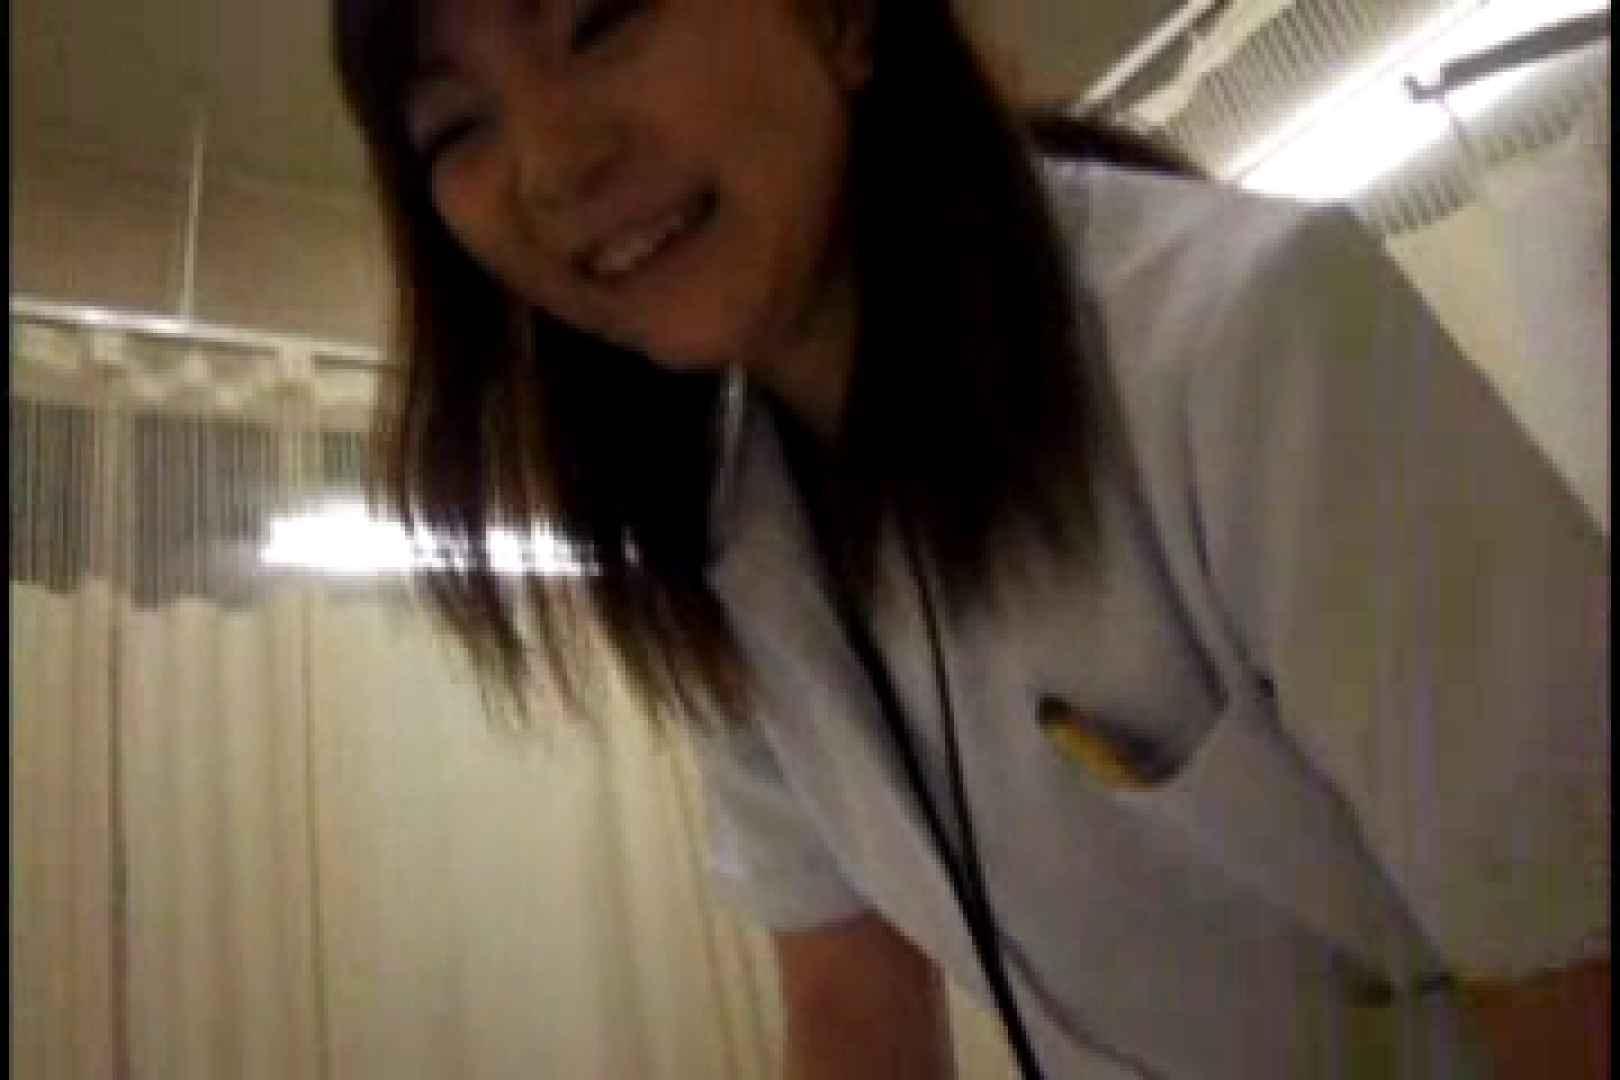 ヤリマンと呼ばれた看護士さんvol1 シックスナイン  21連発 4